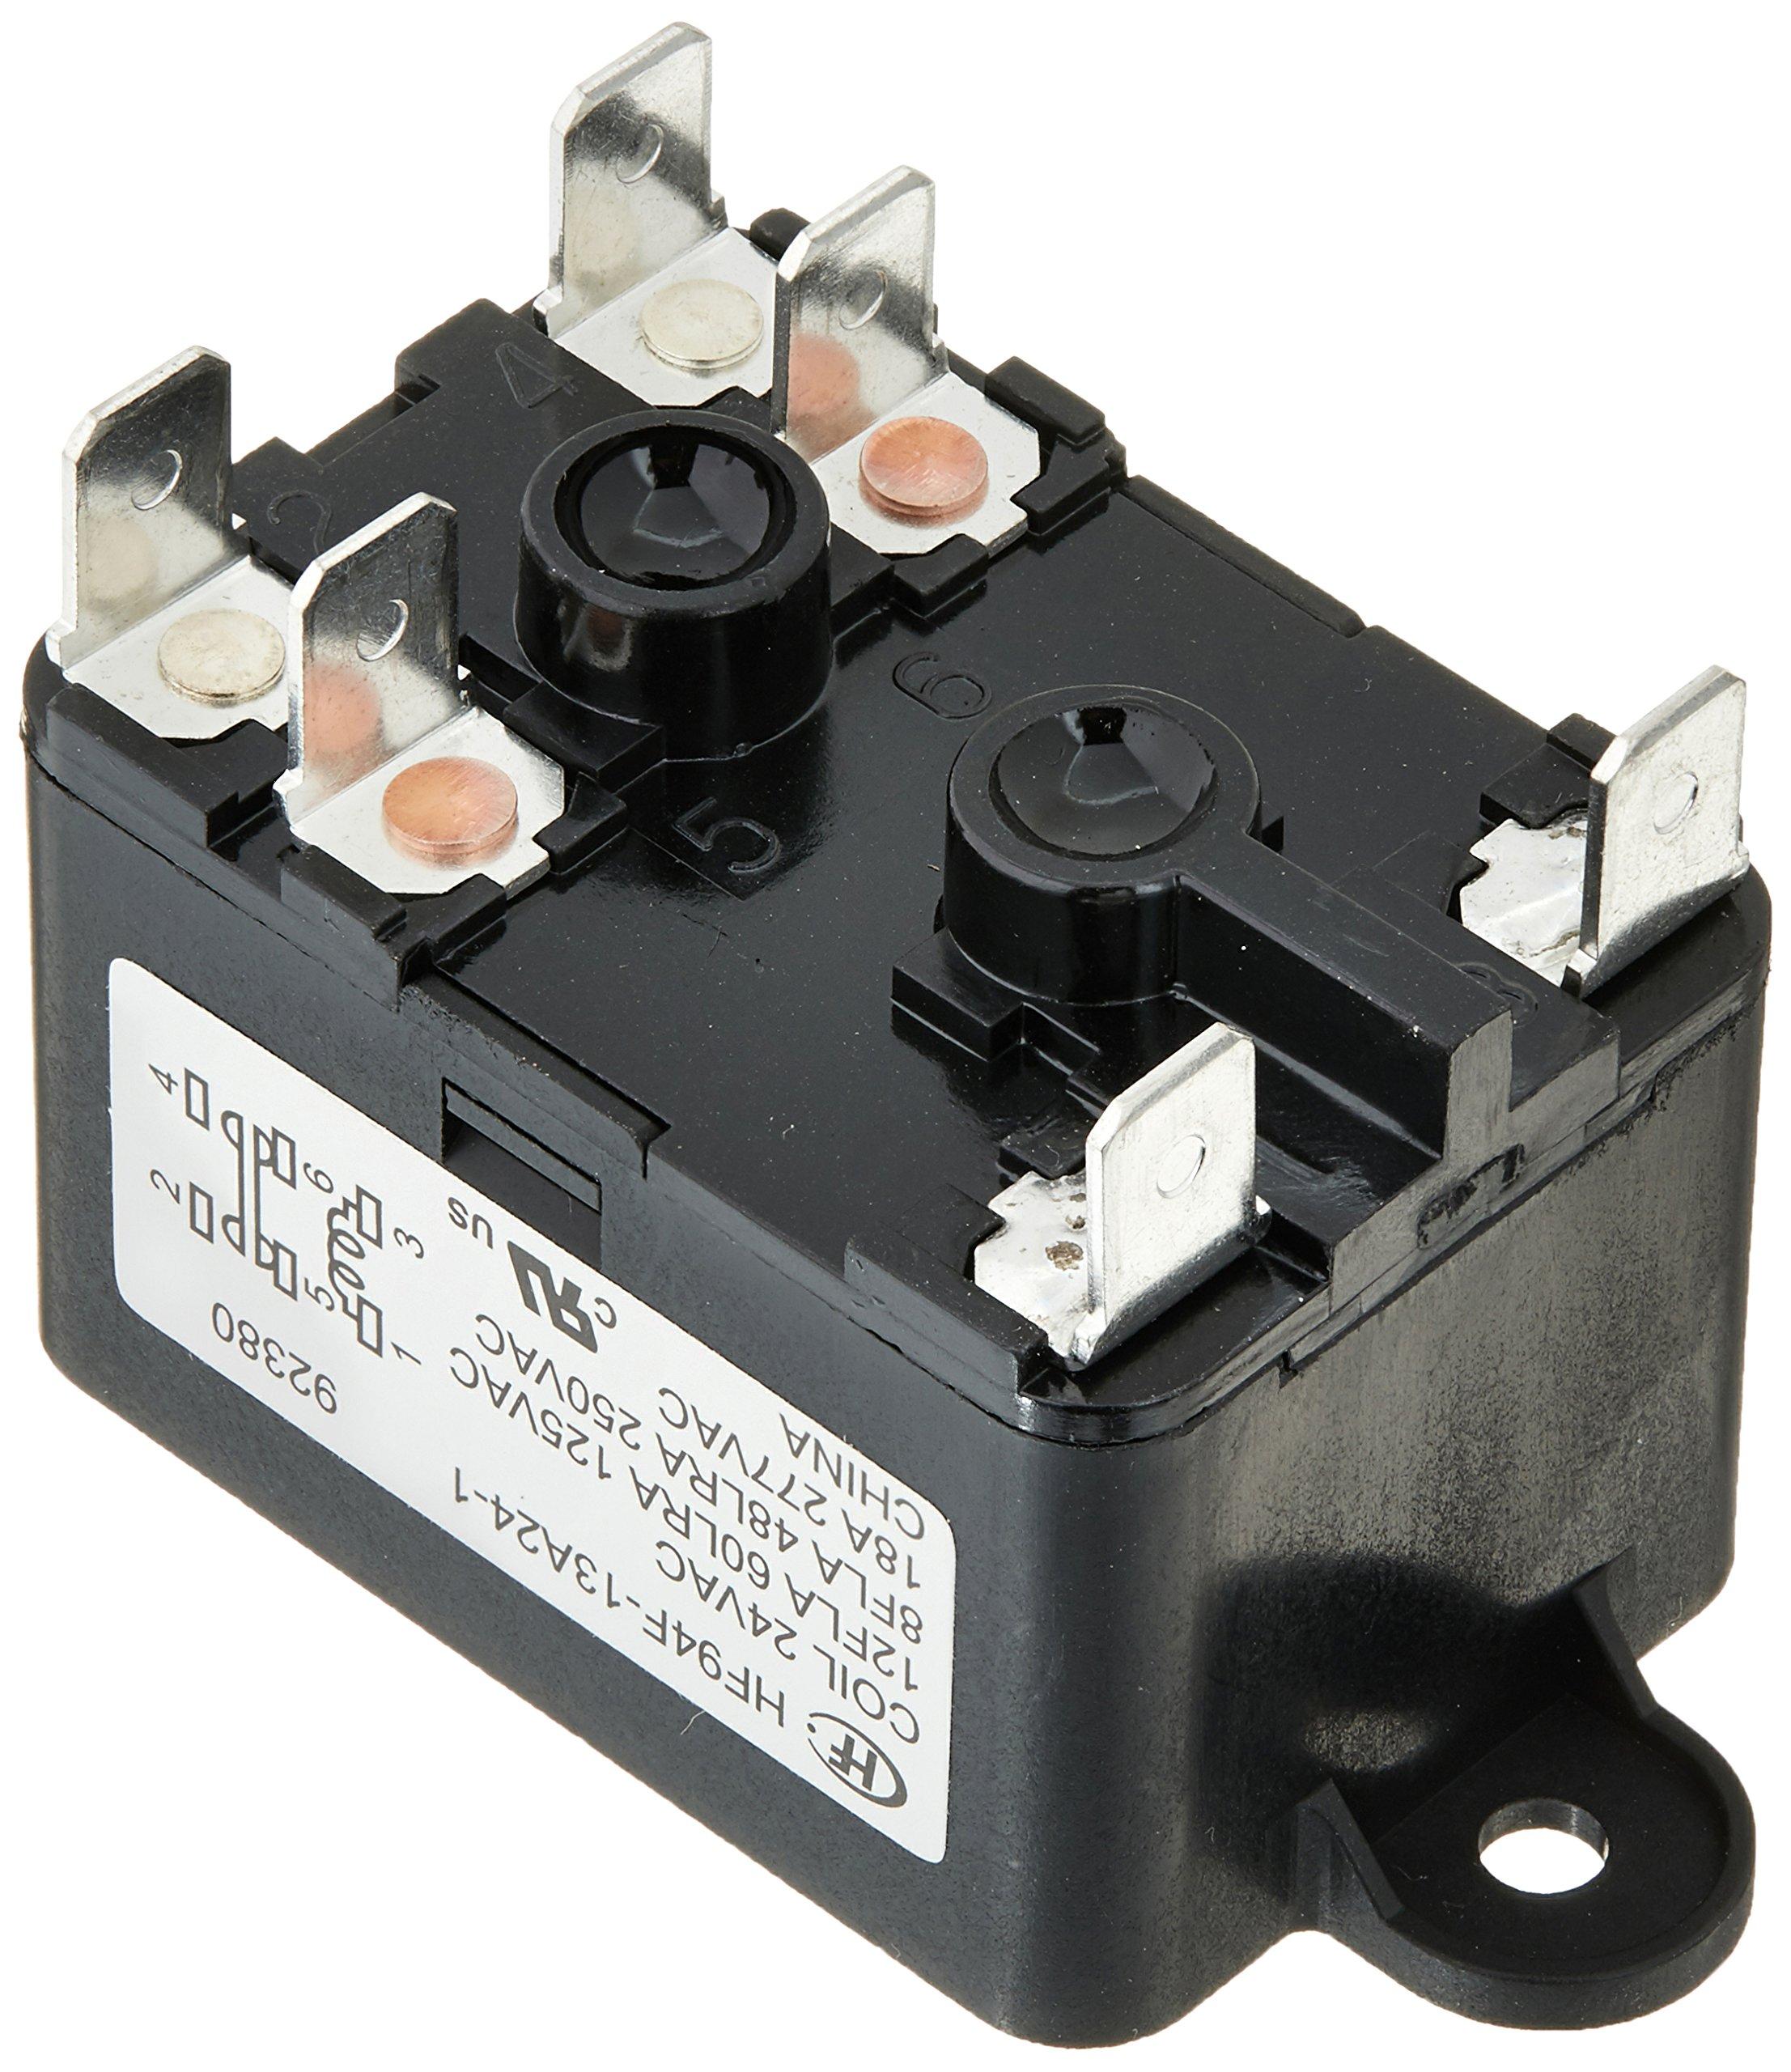 MARS - Motors & Armatures 92380 SPNO-SPNC 24V Relay